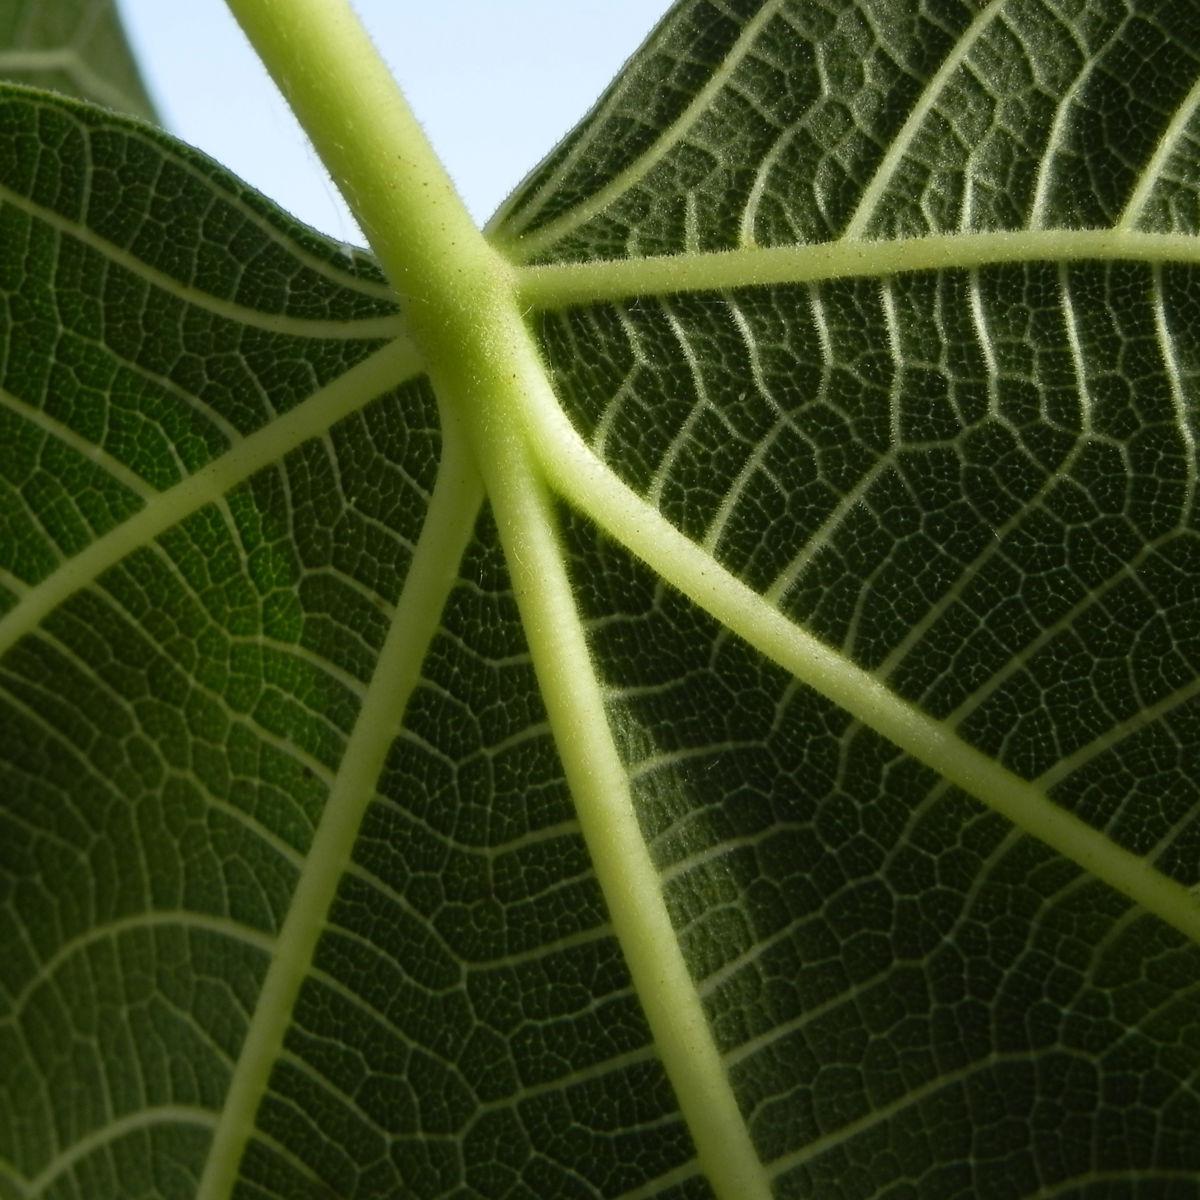 Echte Feige Baum Blatt gruen Rinde silber Frucht Ficus carica